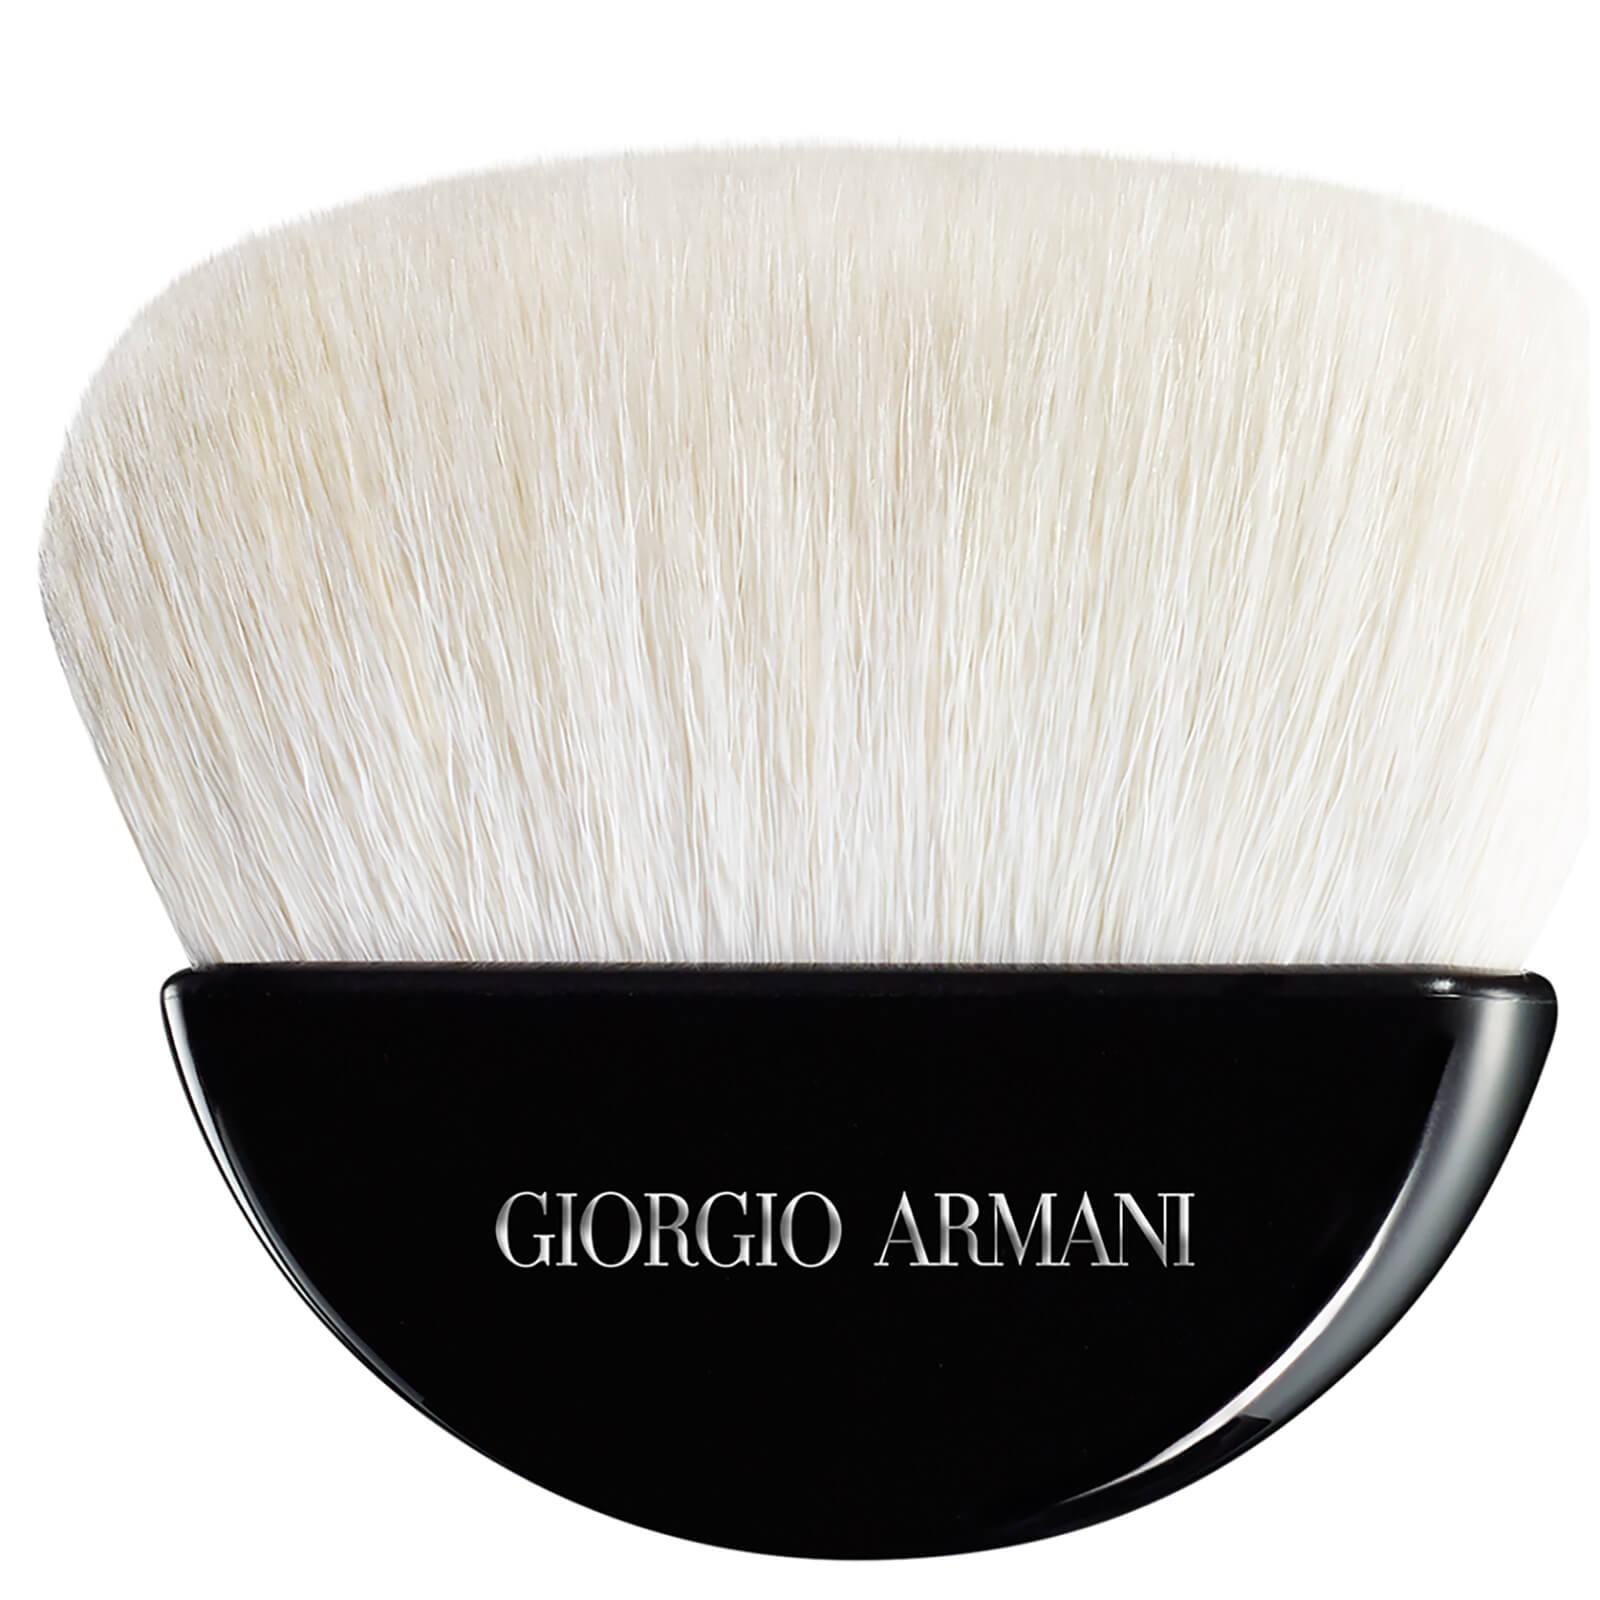 Giorgio Armani Pinceau à poudre sculptant Giorgio Armani